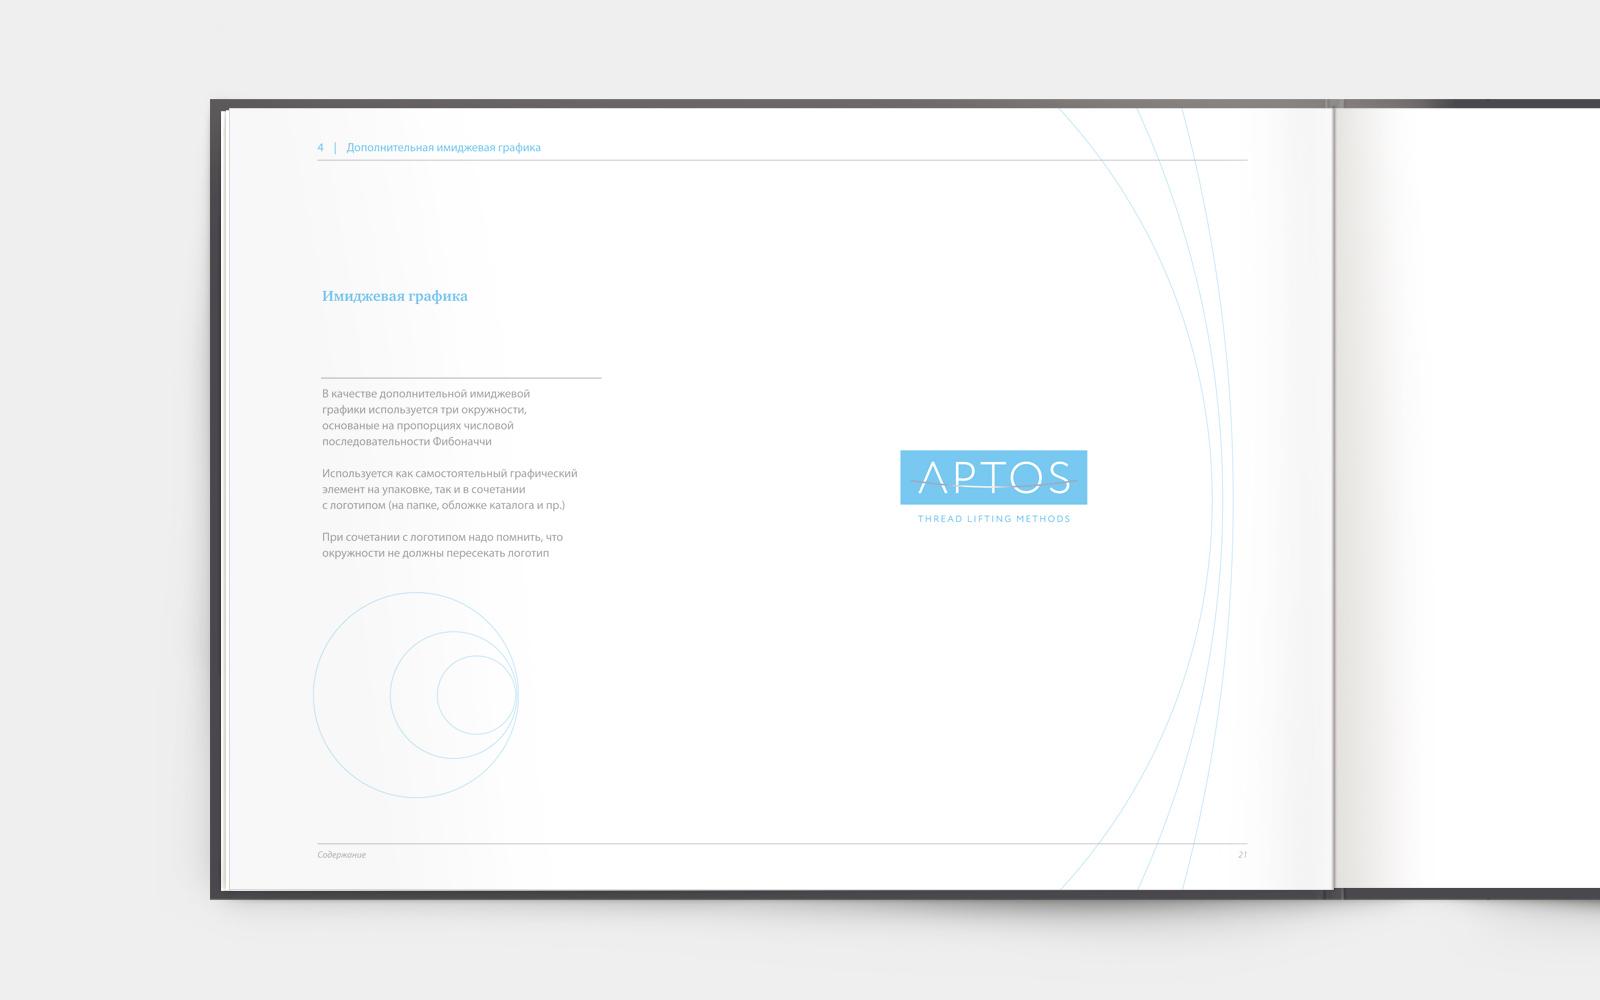 В брендбуке приведено подробное описание принципов построения элементов фирменной графики APTOS